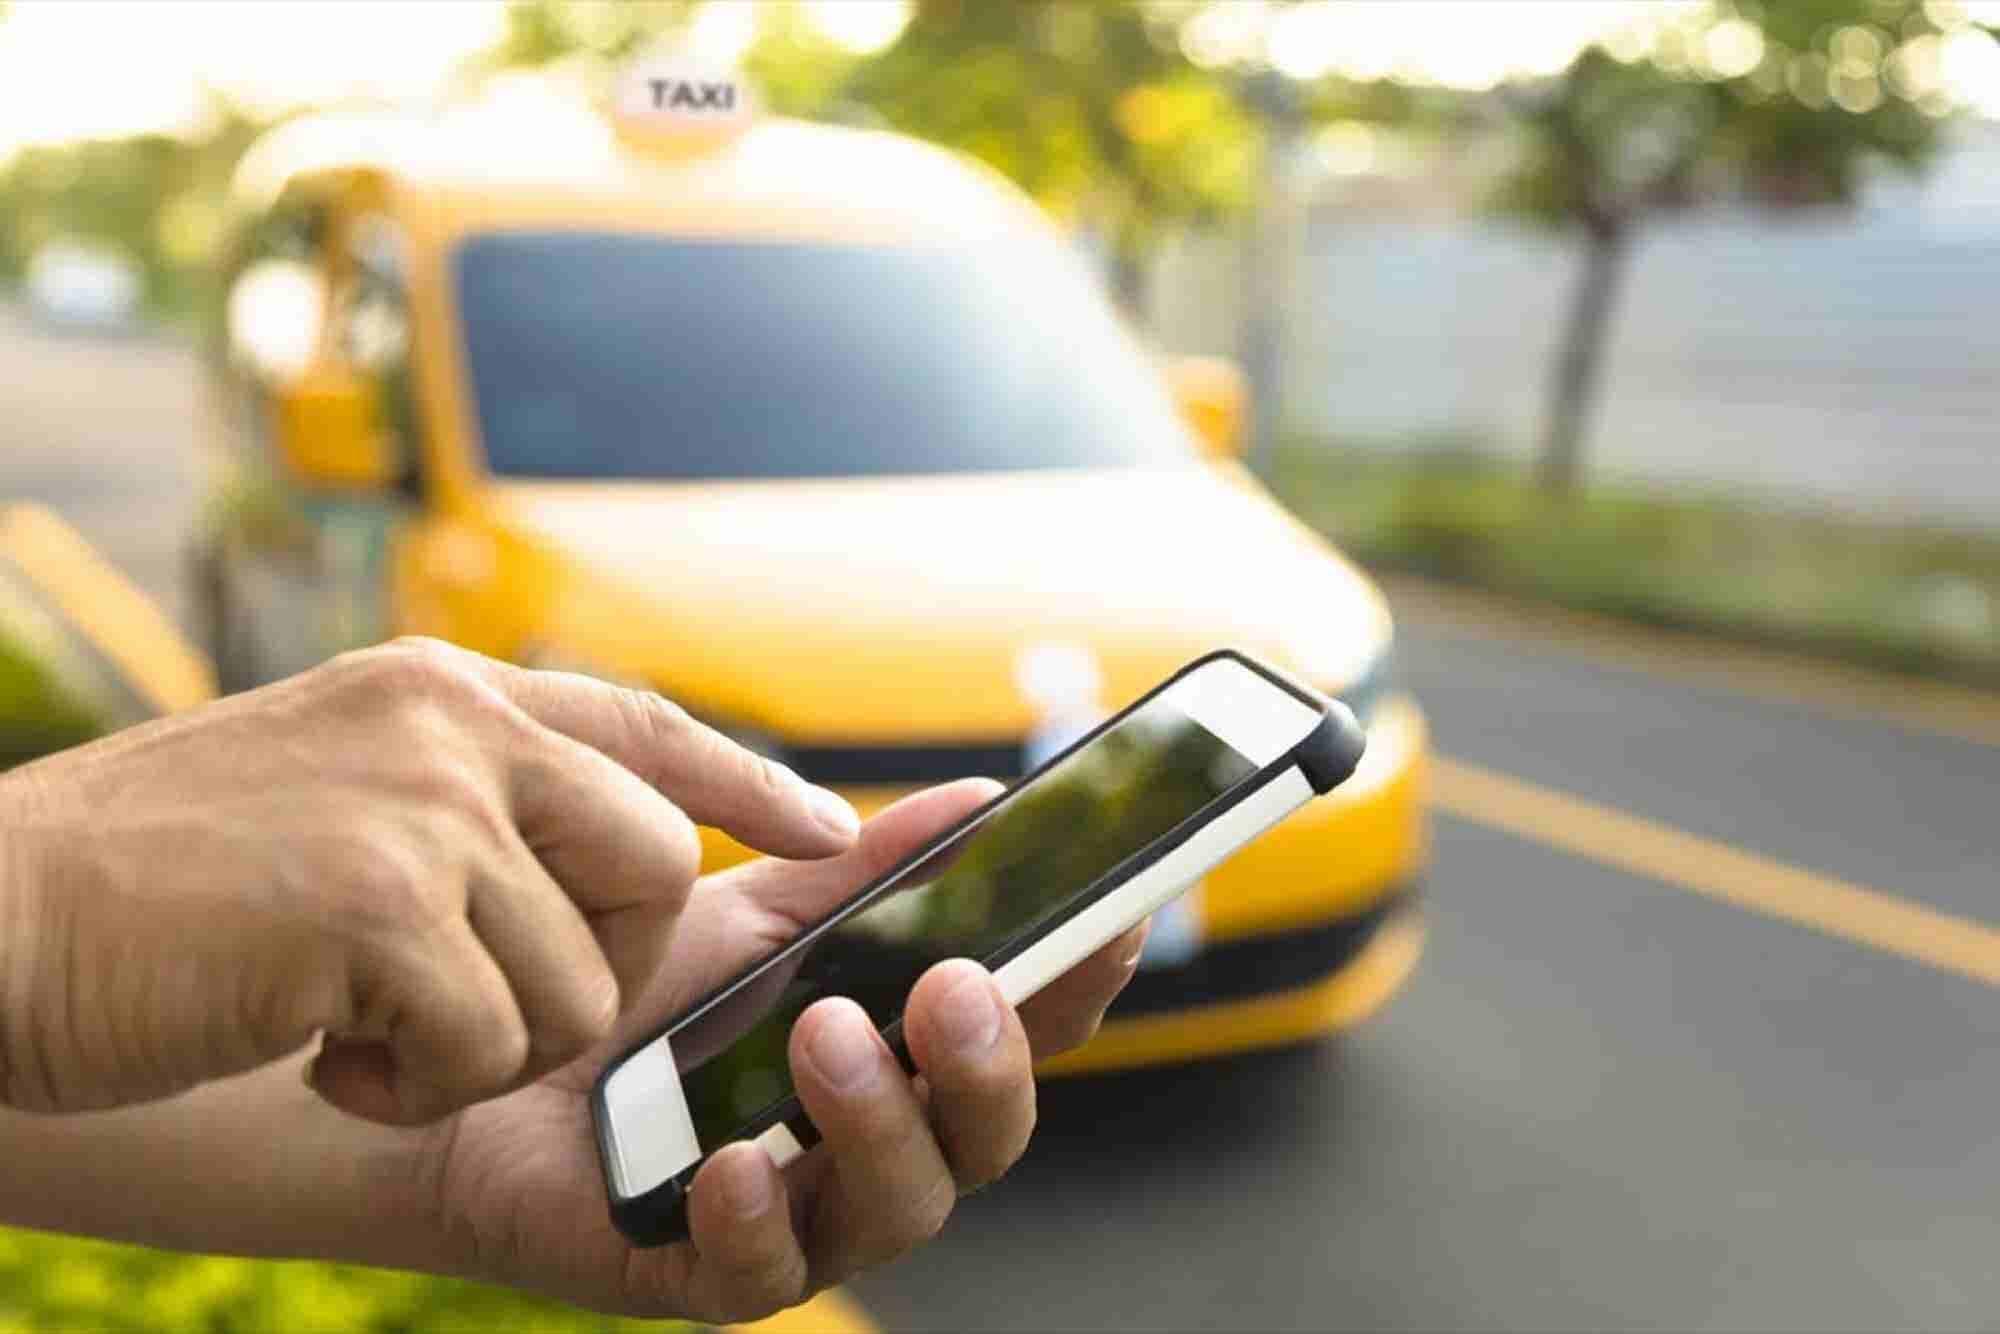 An Uber for Intercity